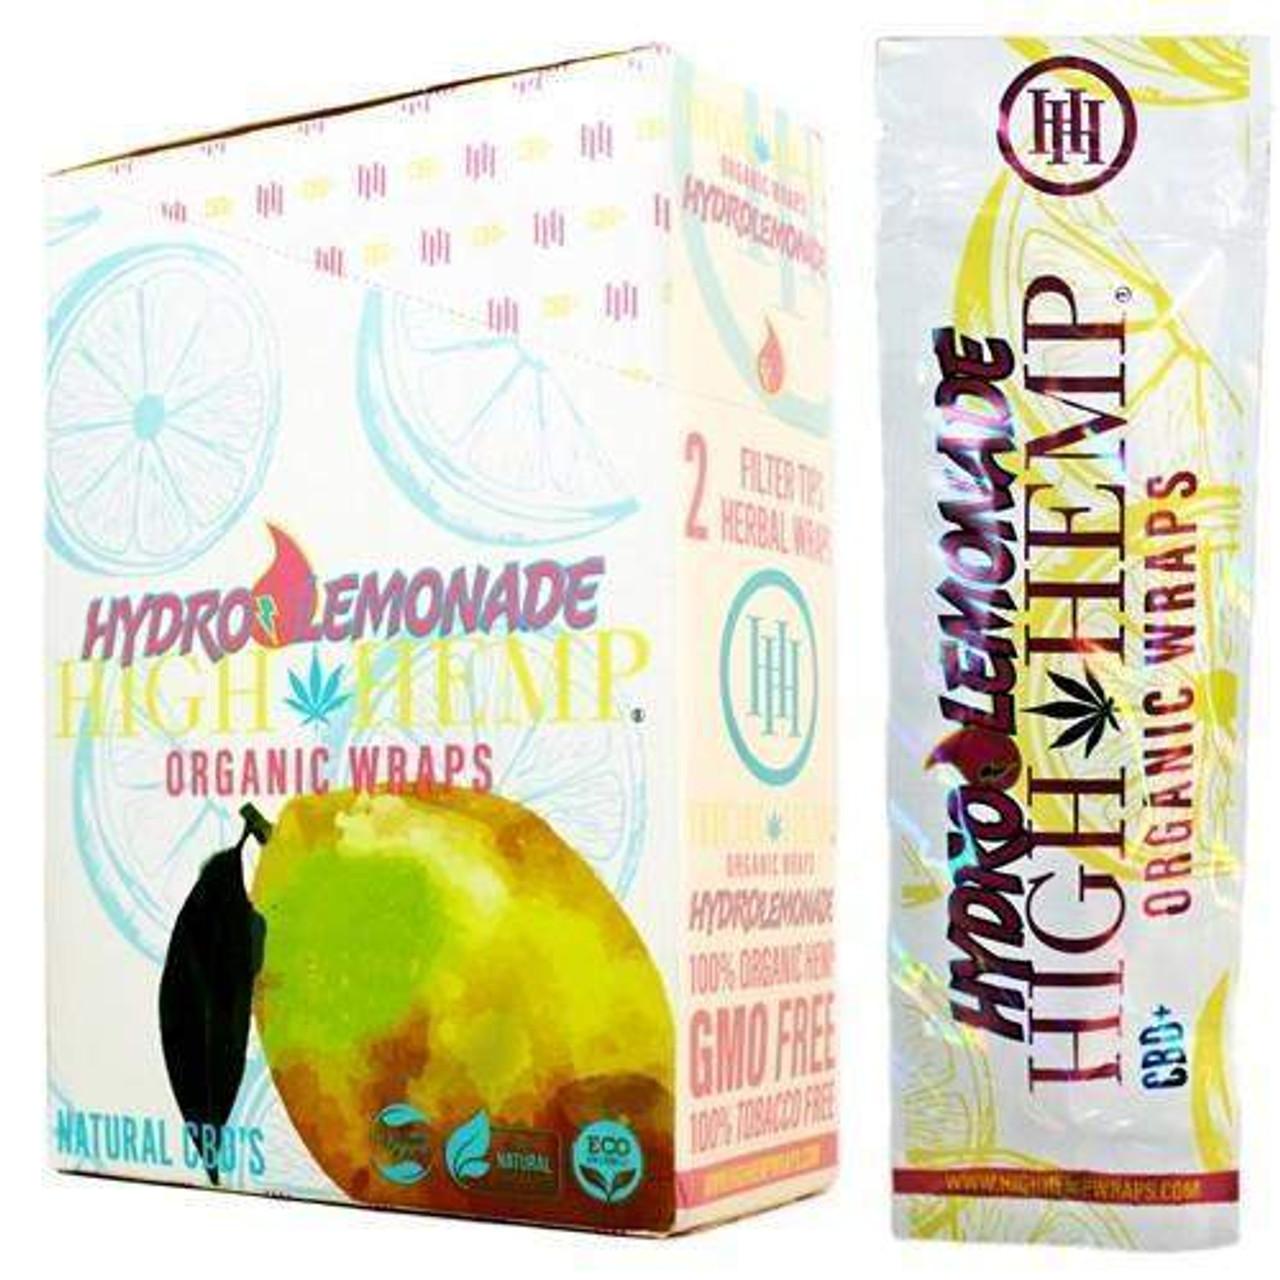 Hydro Lemonade